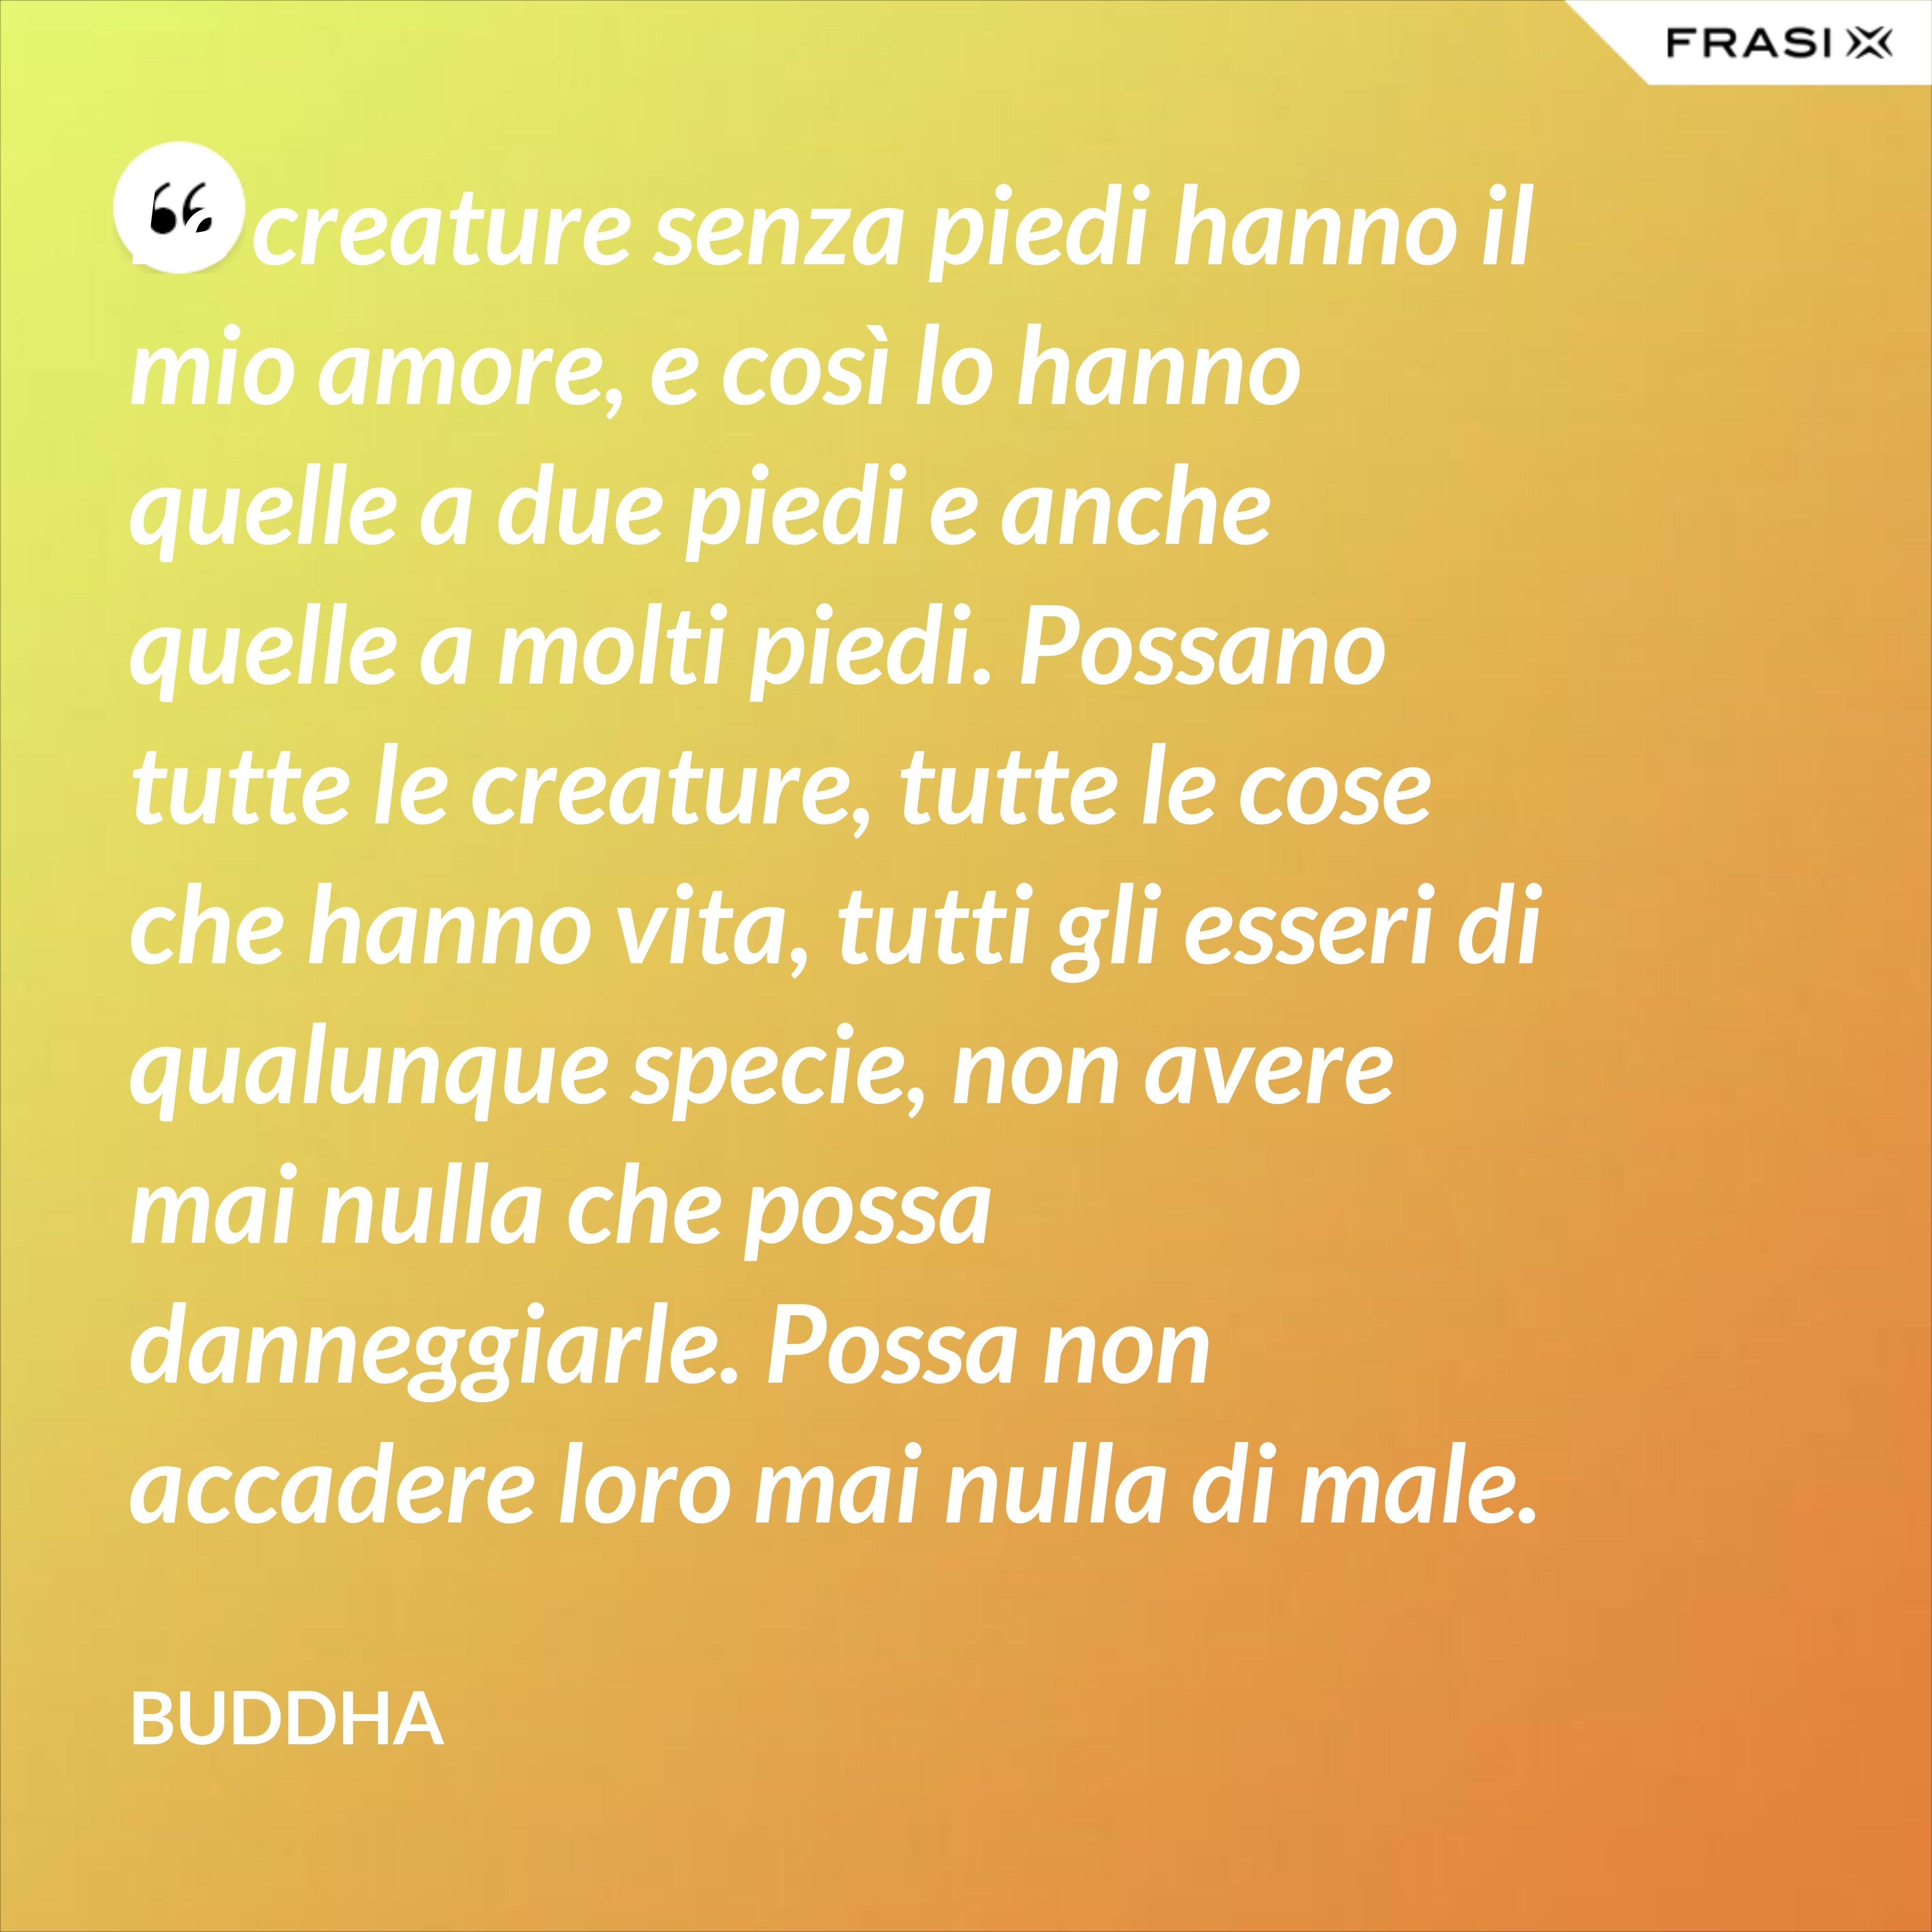 Le creature senza piedi hanno il mio amore, e così lo hanno quelle a due piedi e anche quelle a molti piedi. Possano tutte le creature, tutte le cose che hanno vita, tutti gli esseri di qualunque specie, non avere mai nulla che possa danneggiarle. Possa non accadere loro mai nulla di male. - Buddha